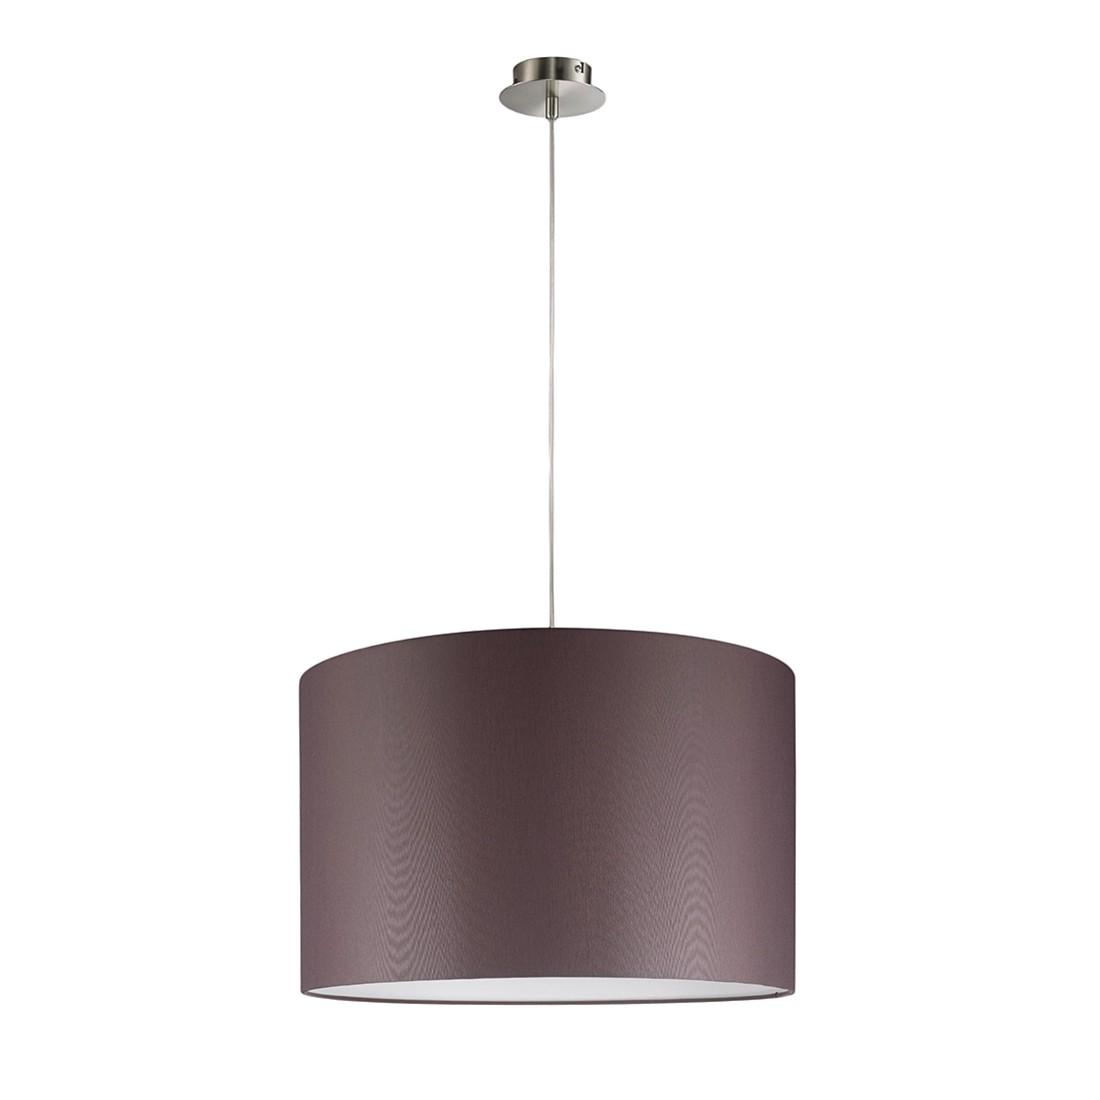 EEK A+, Pendelleuchte 1-flg. Silber 45 cm rund - SHINE-LOFT, Fischer Leuchten